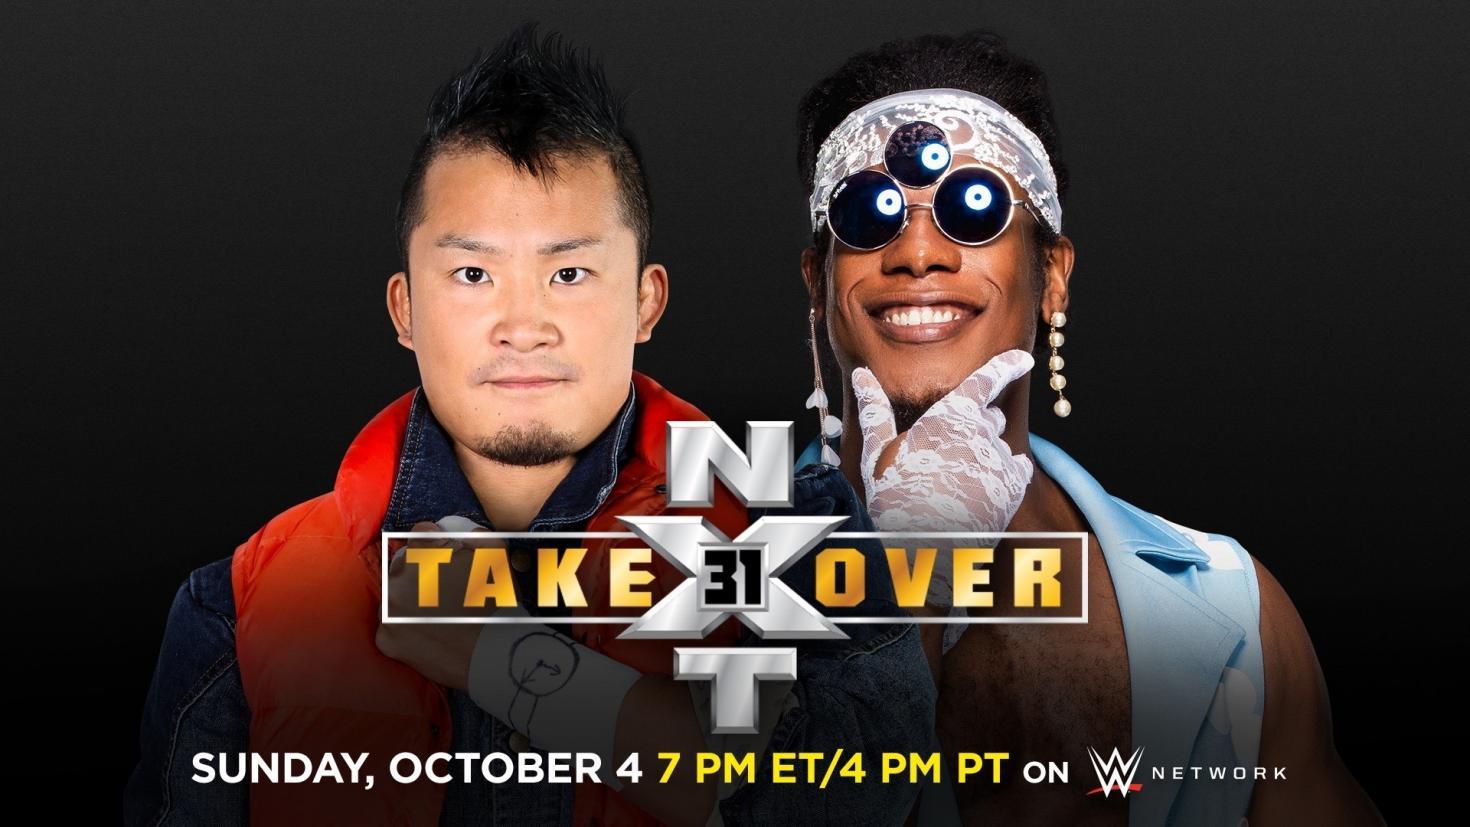 Novo combate adicionado para o NXT TakeOver 31